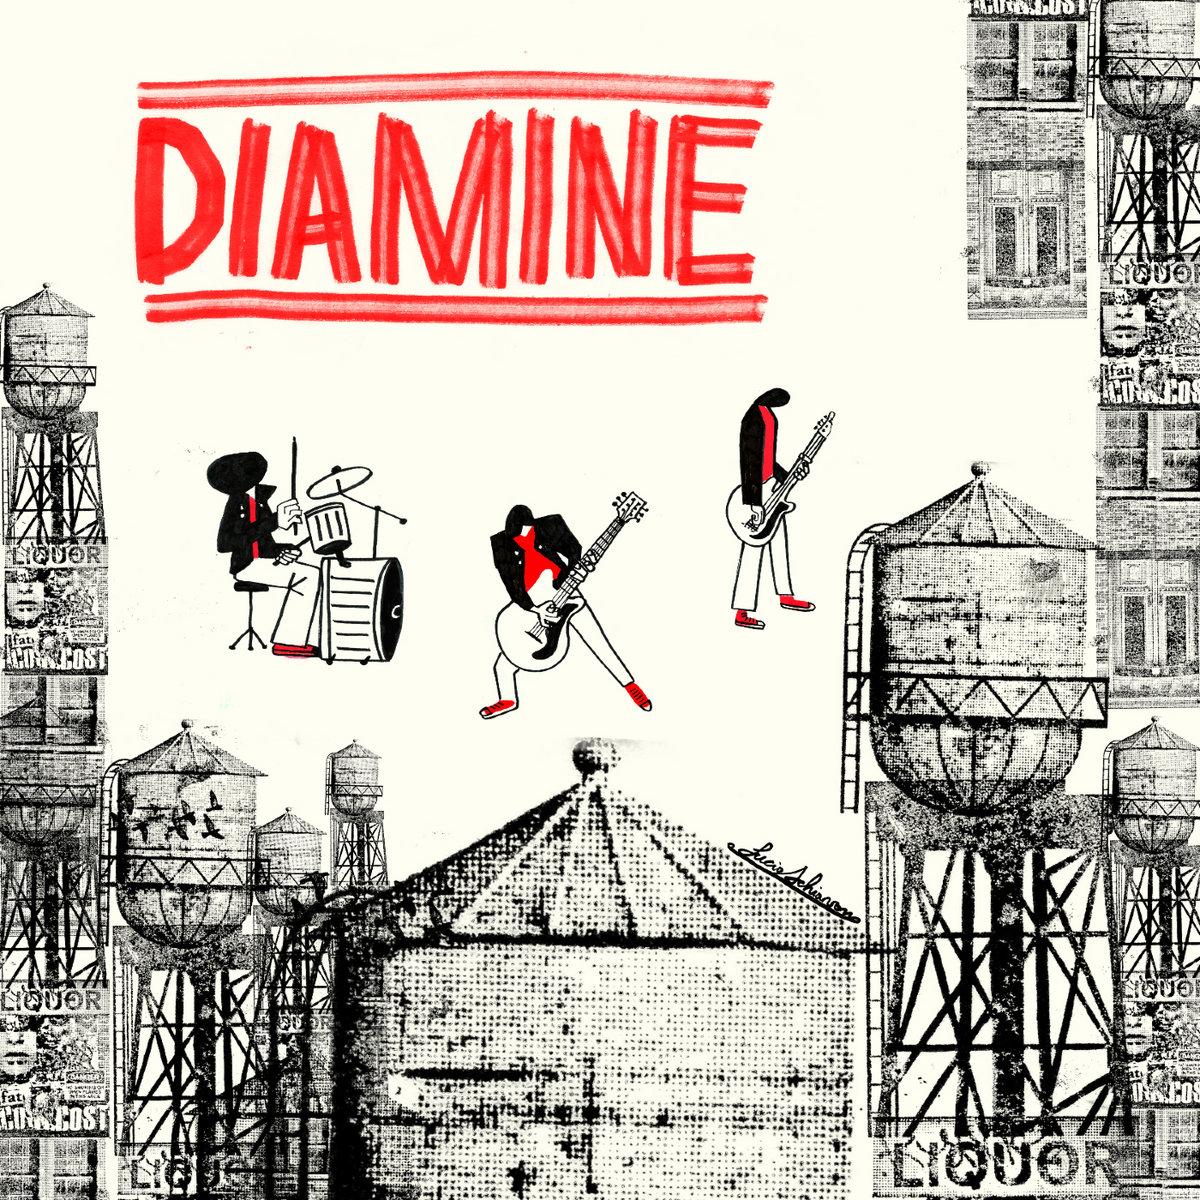 Diamine Album Cover